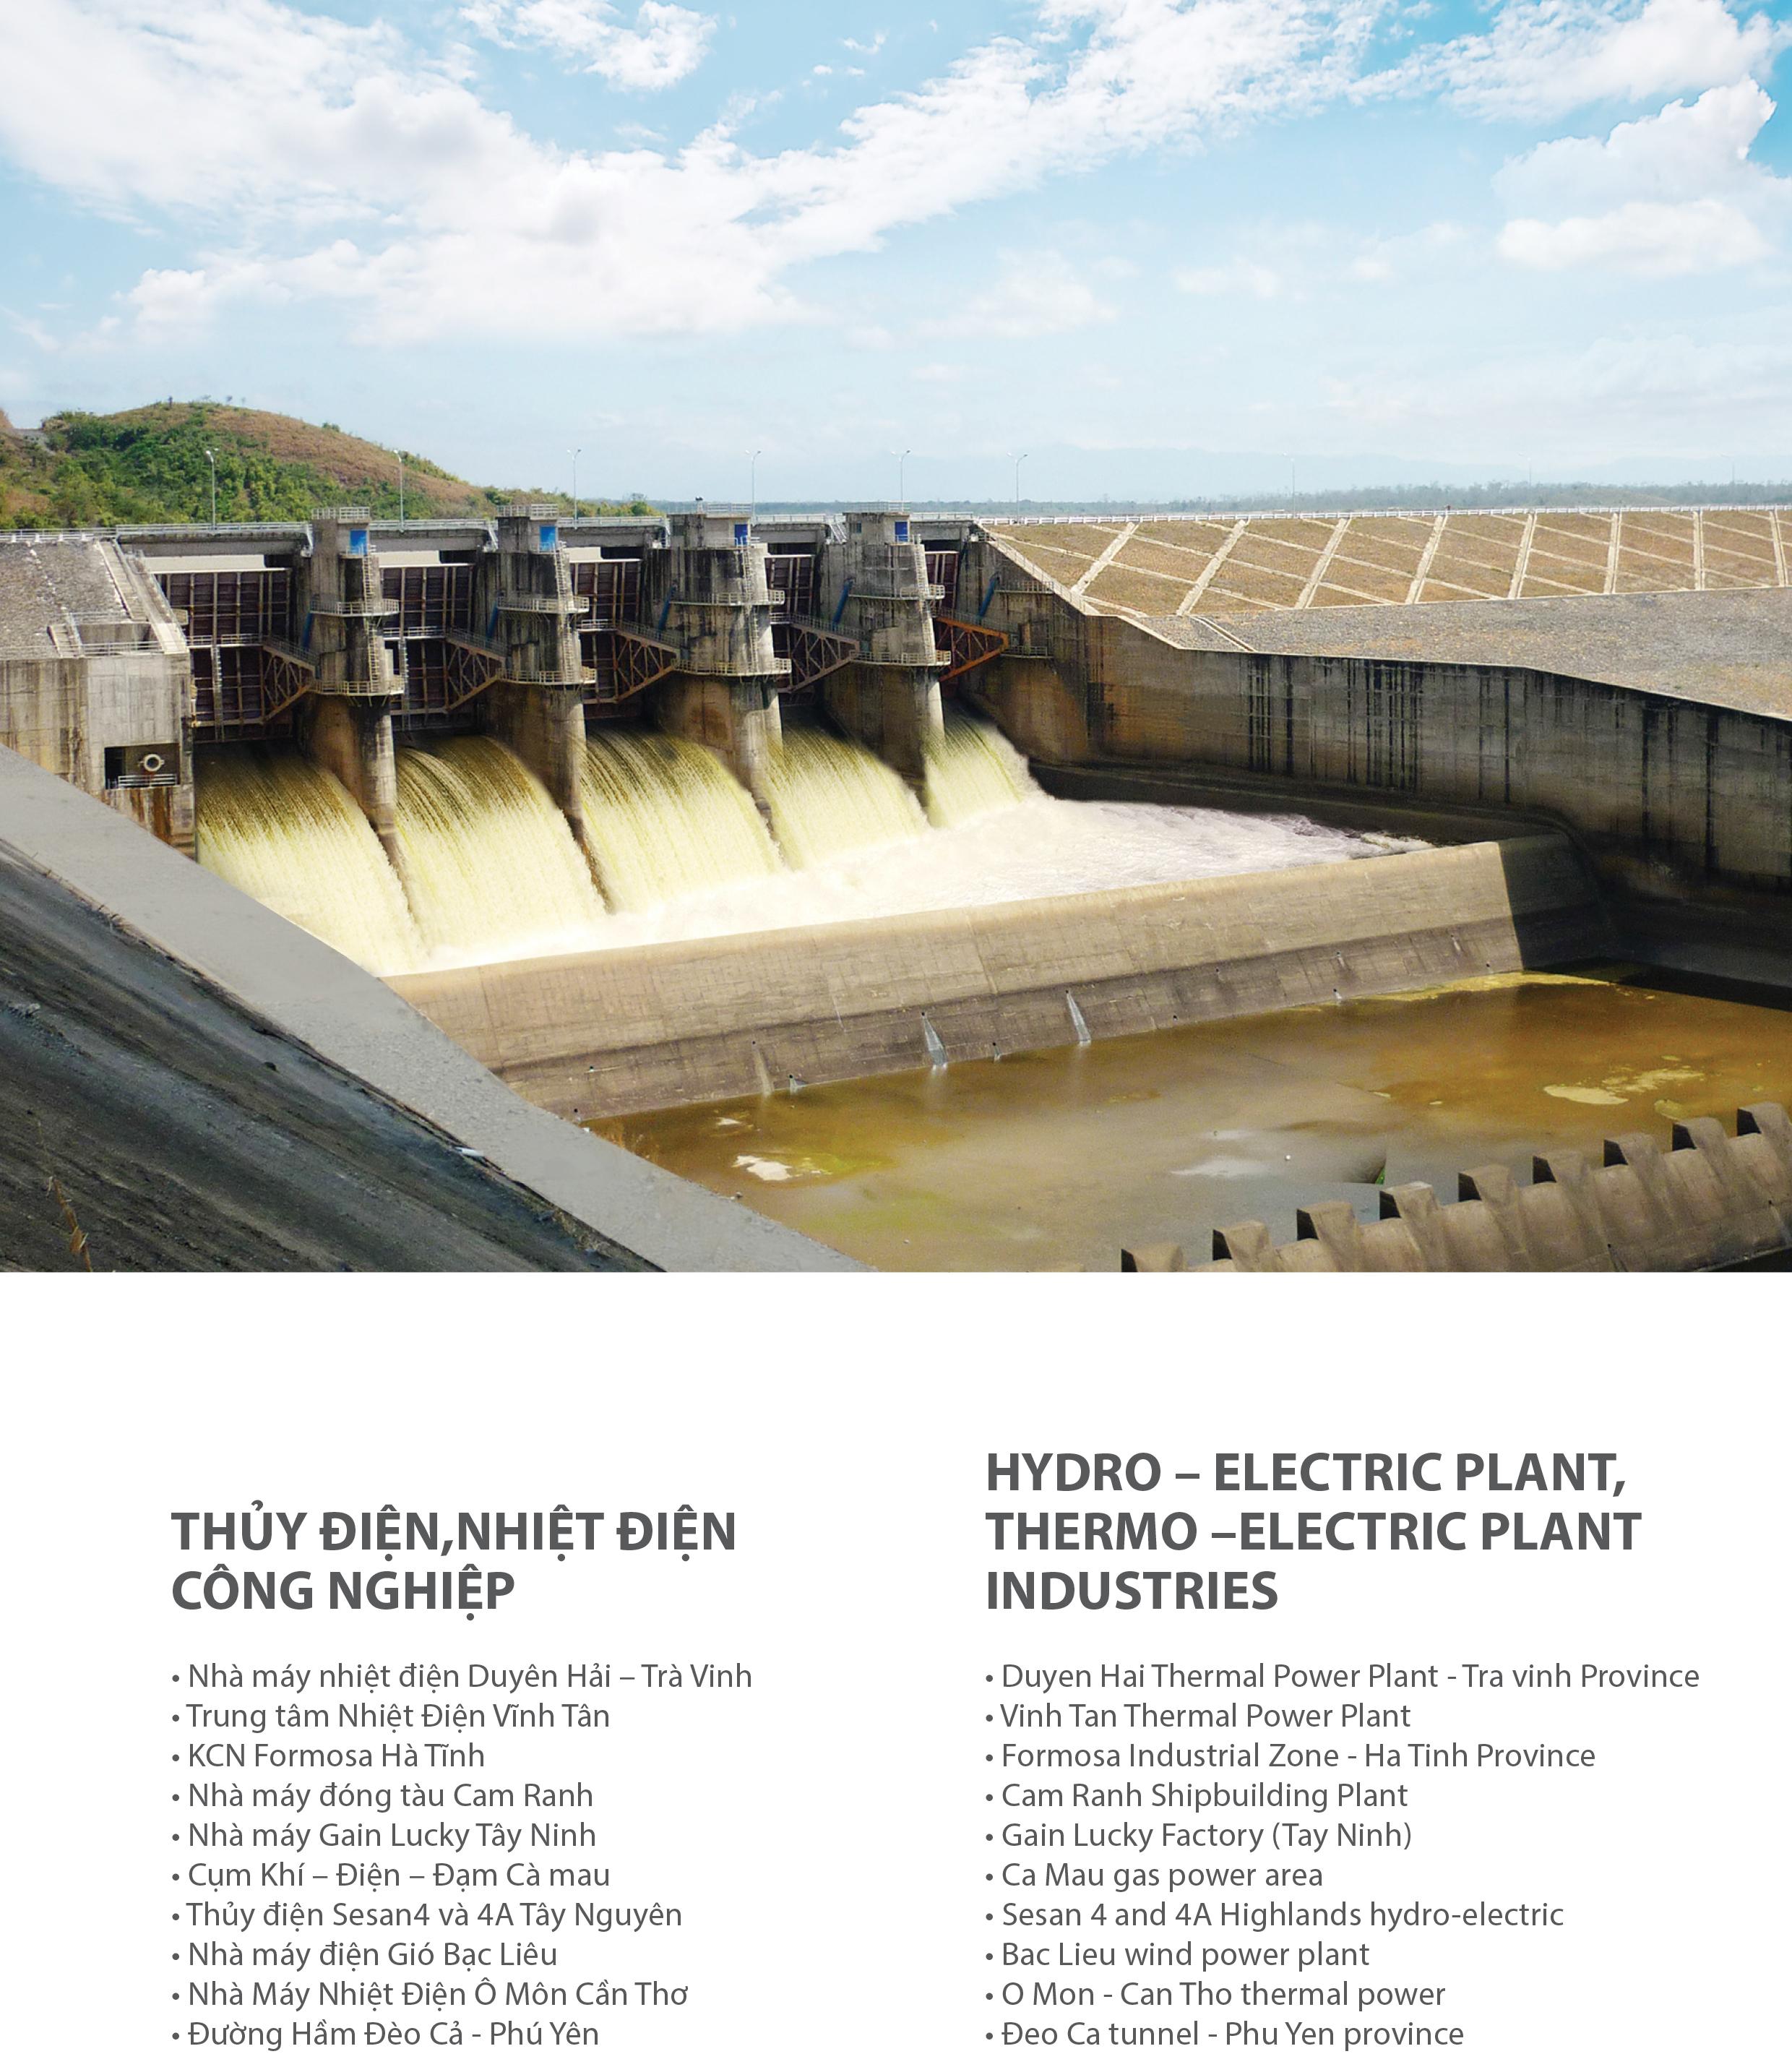 Nhà máy thủy điện - nhiệt điện